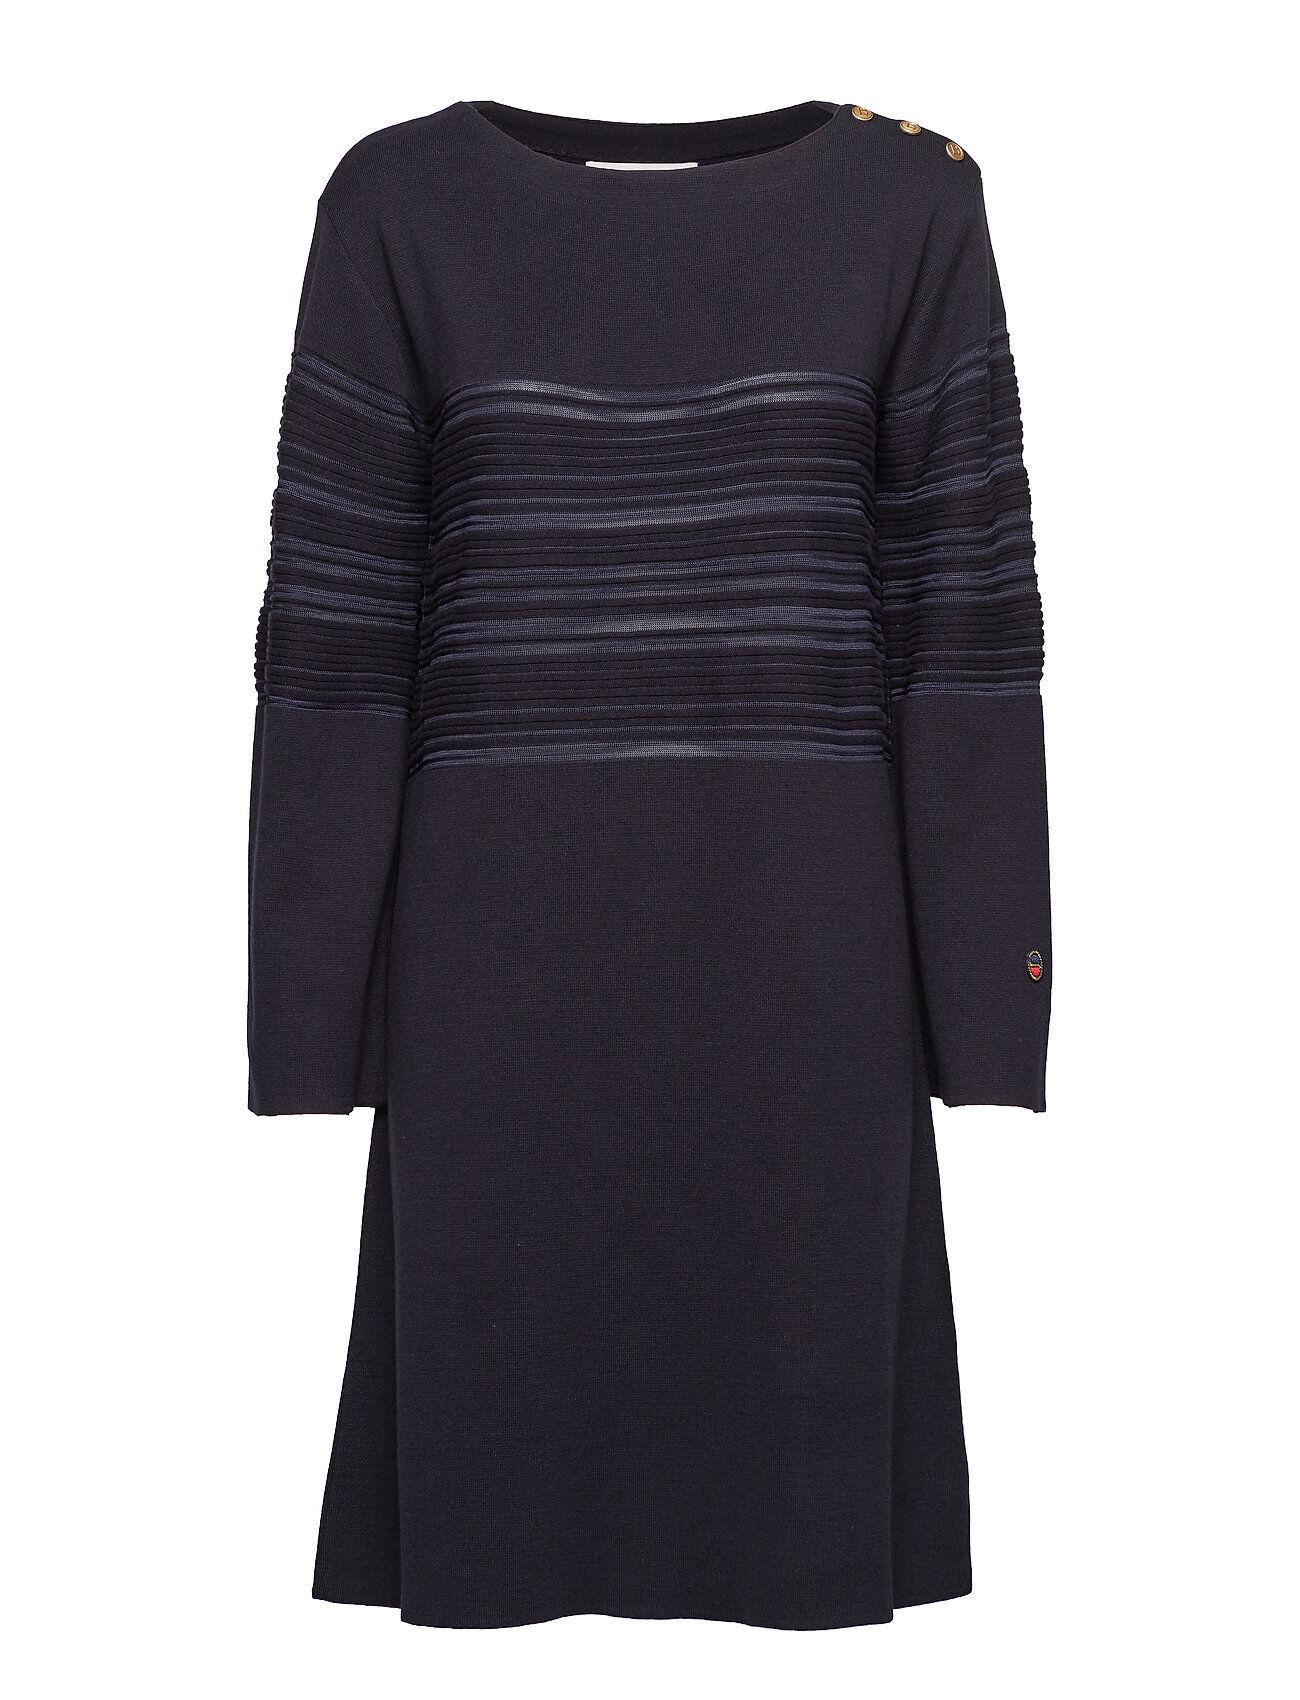 BUSNEL PléMy Dress